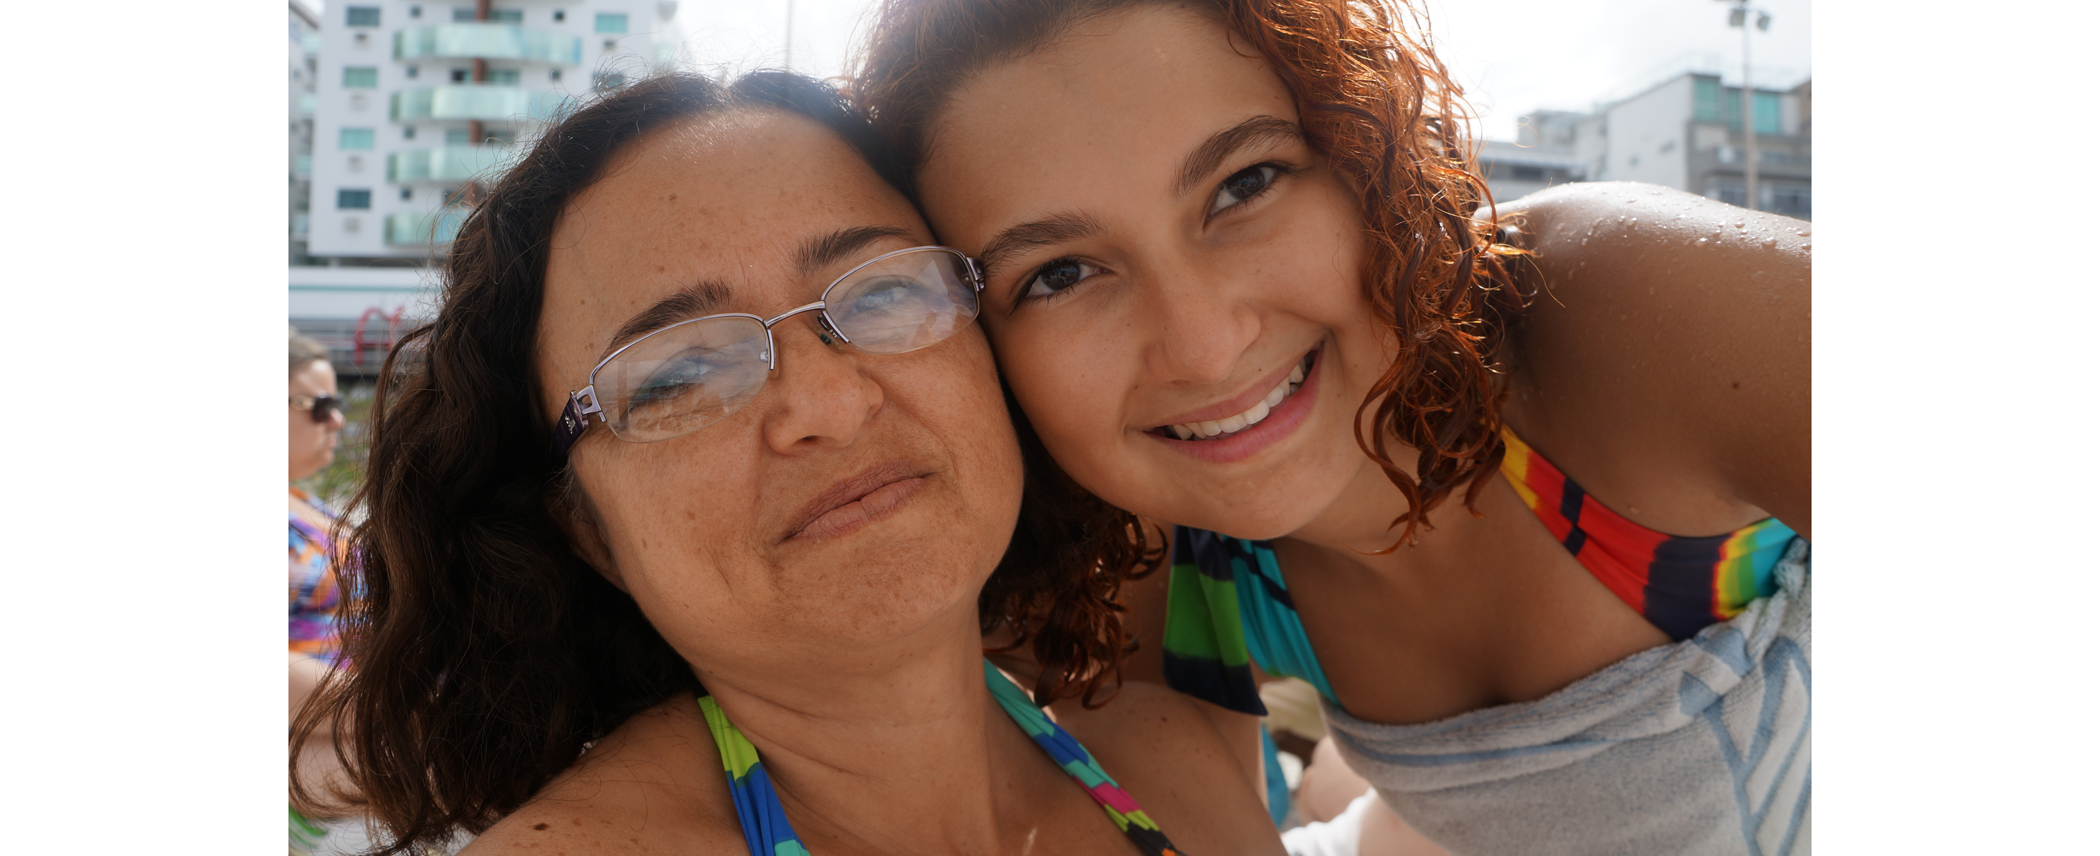 Como incentivar sua mãe a usar o cabelo natural - mamães em transição